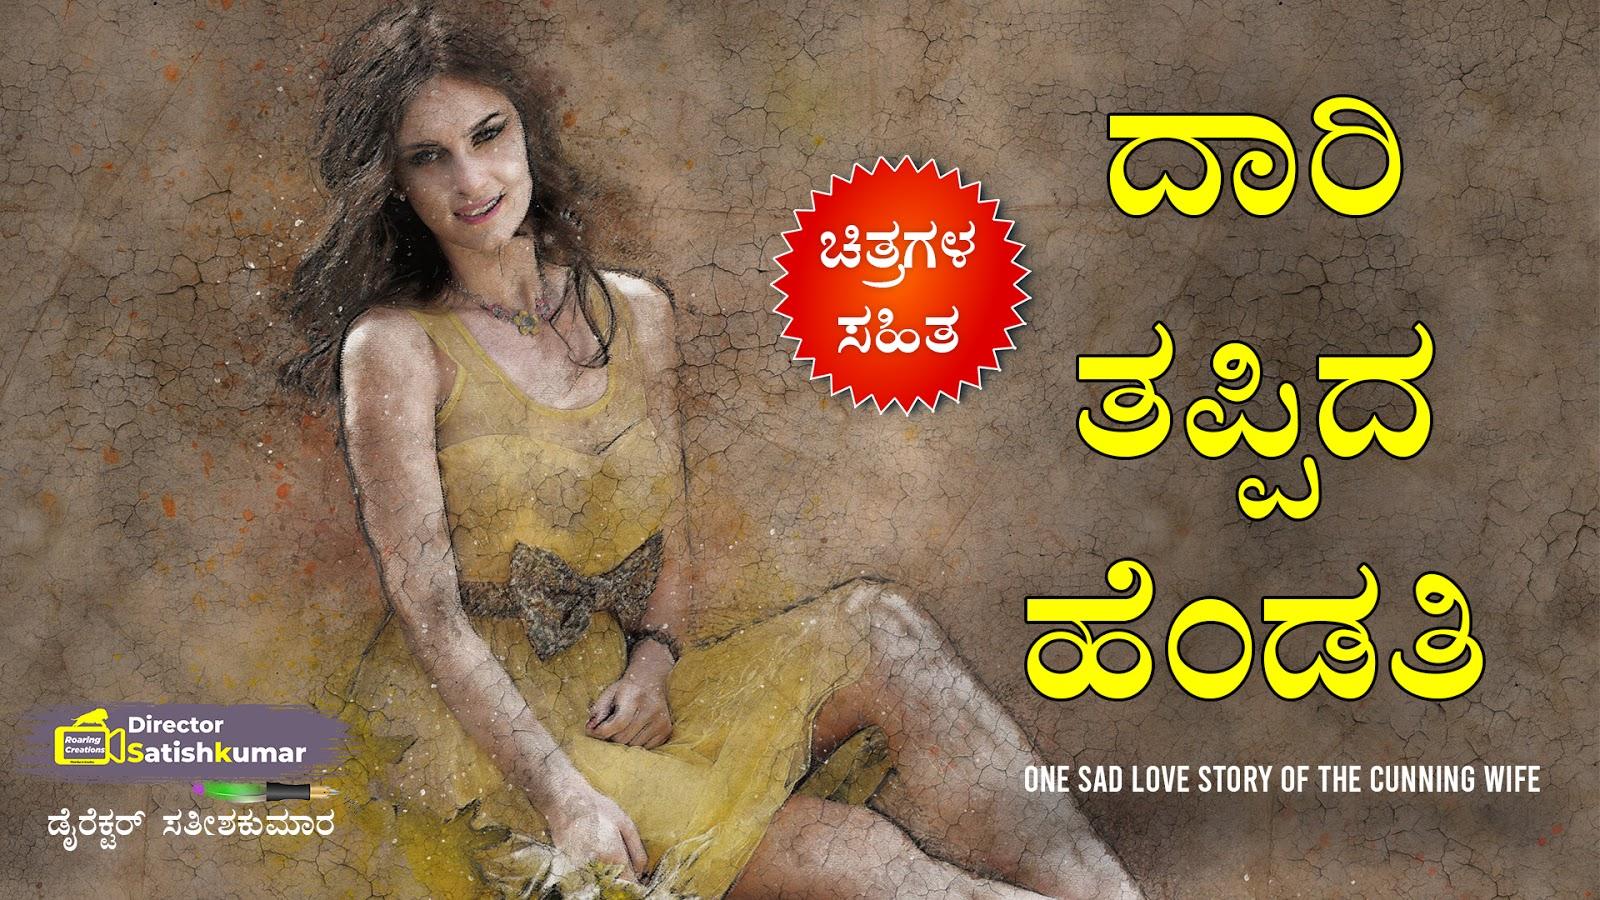 ದಾರಿ ತಪ್ಪಿದ ಹೆಂಡತಿ - One Sad Love Story of The Cunning Wife in Kannada - ಕನ್ನಡ ಕಥೆ ಪುಸ್ತಕಗಳು - Kannada Story Books -  E Books Kannada - Kannada Books